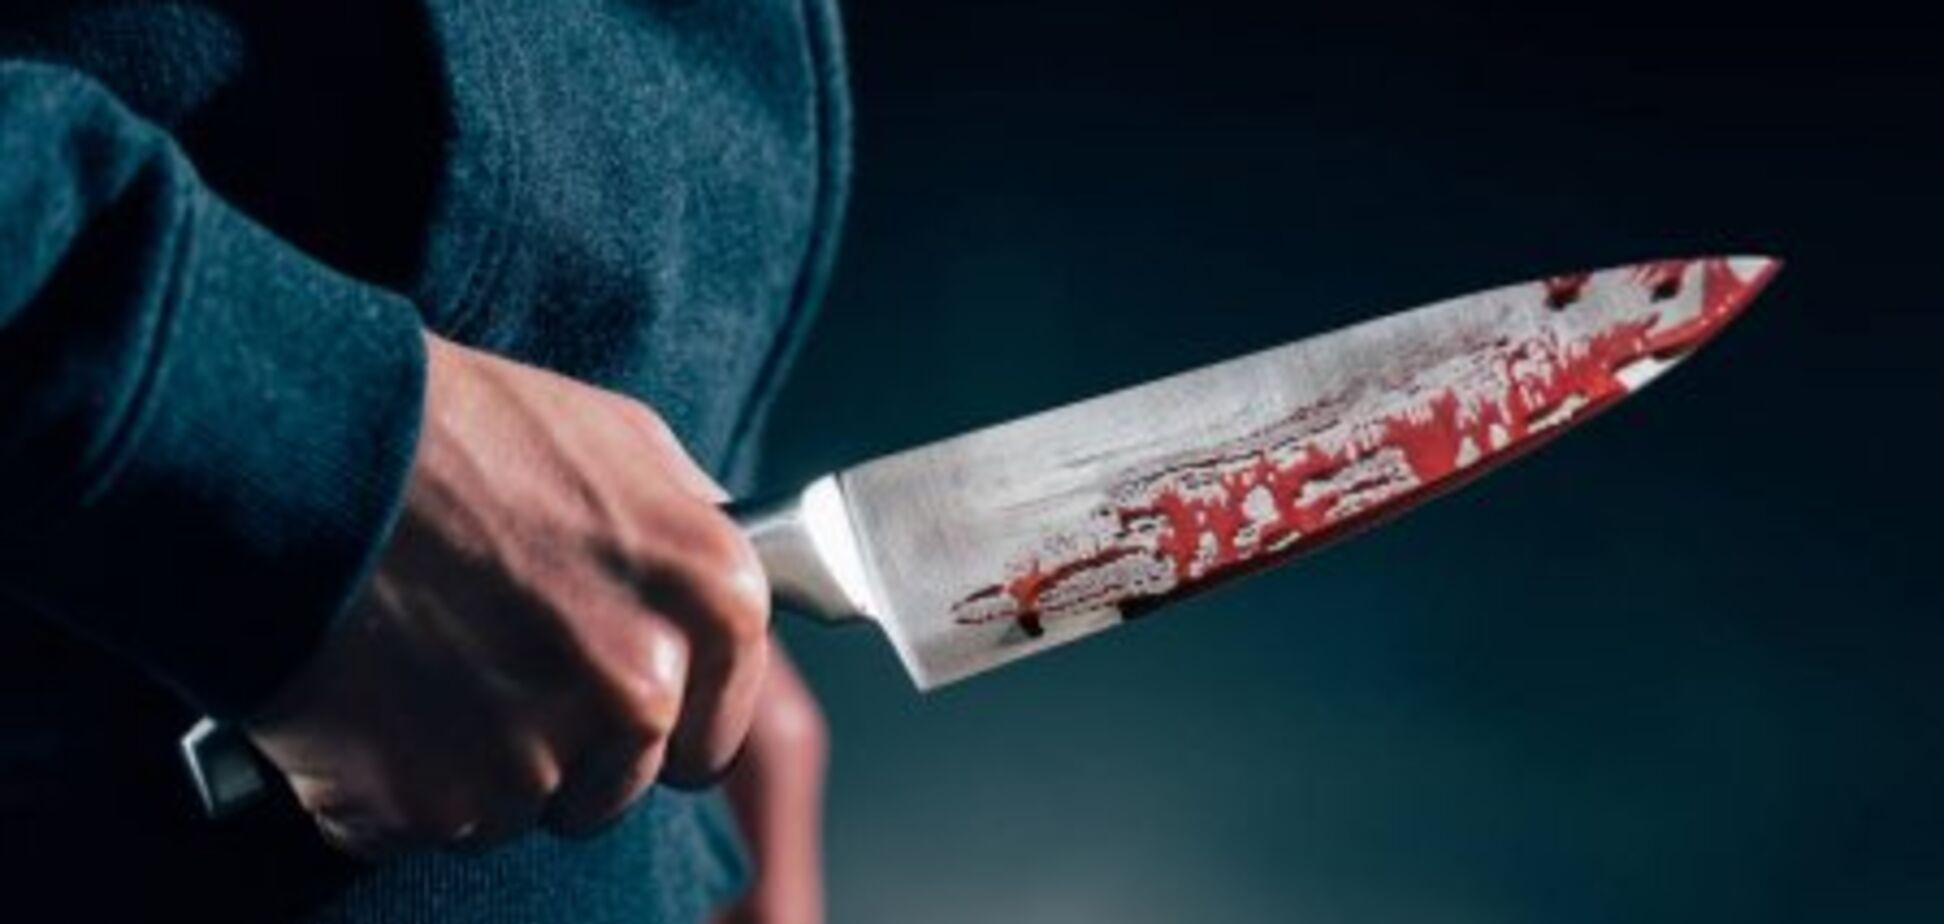 Ножом в шею: в Кривом Роге в семье произошел жесткий конфликт